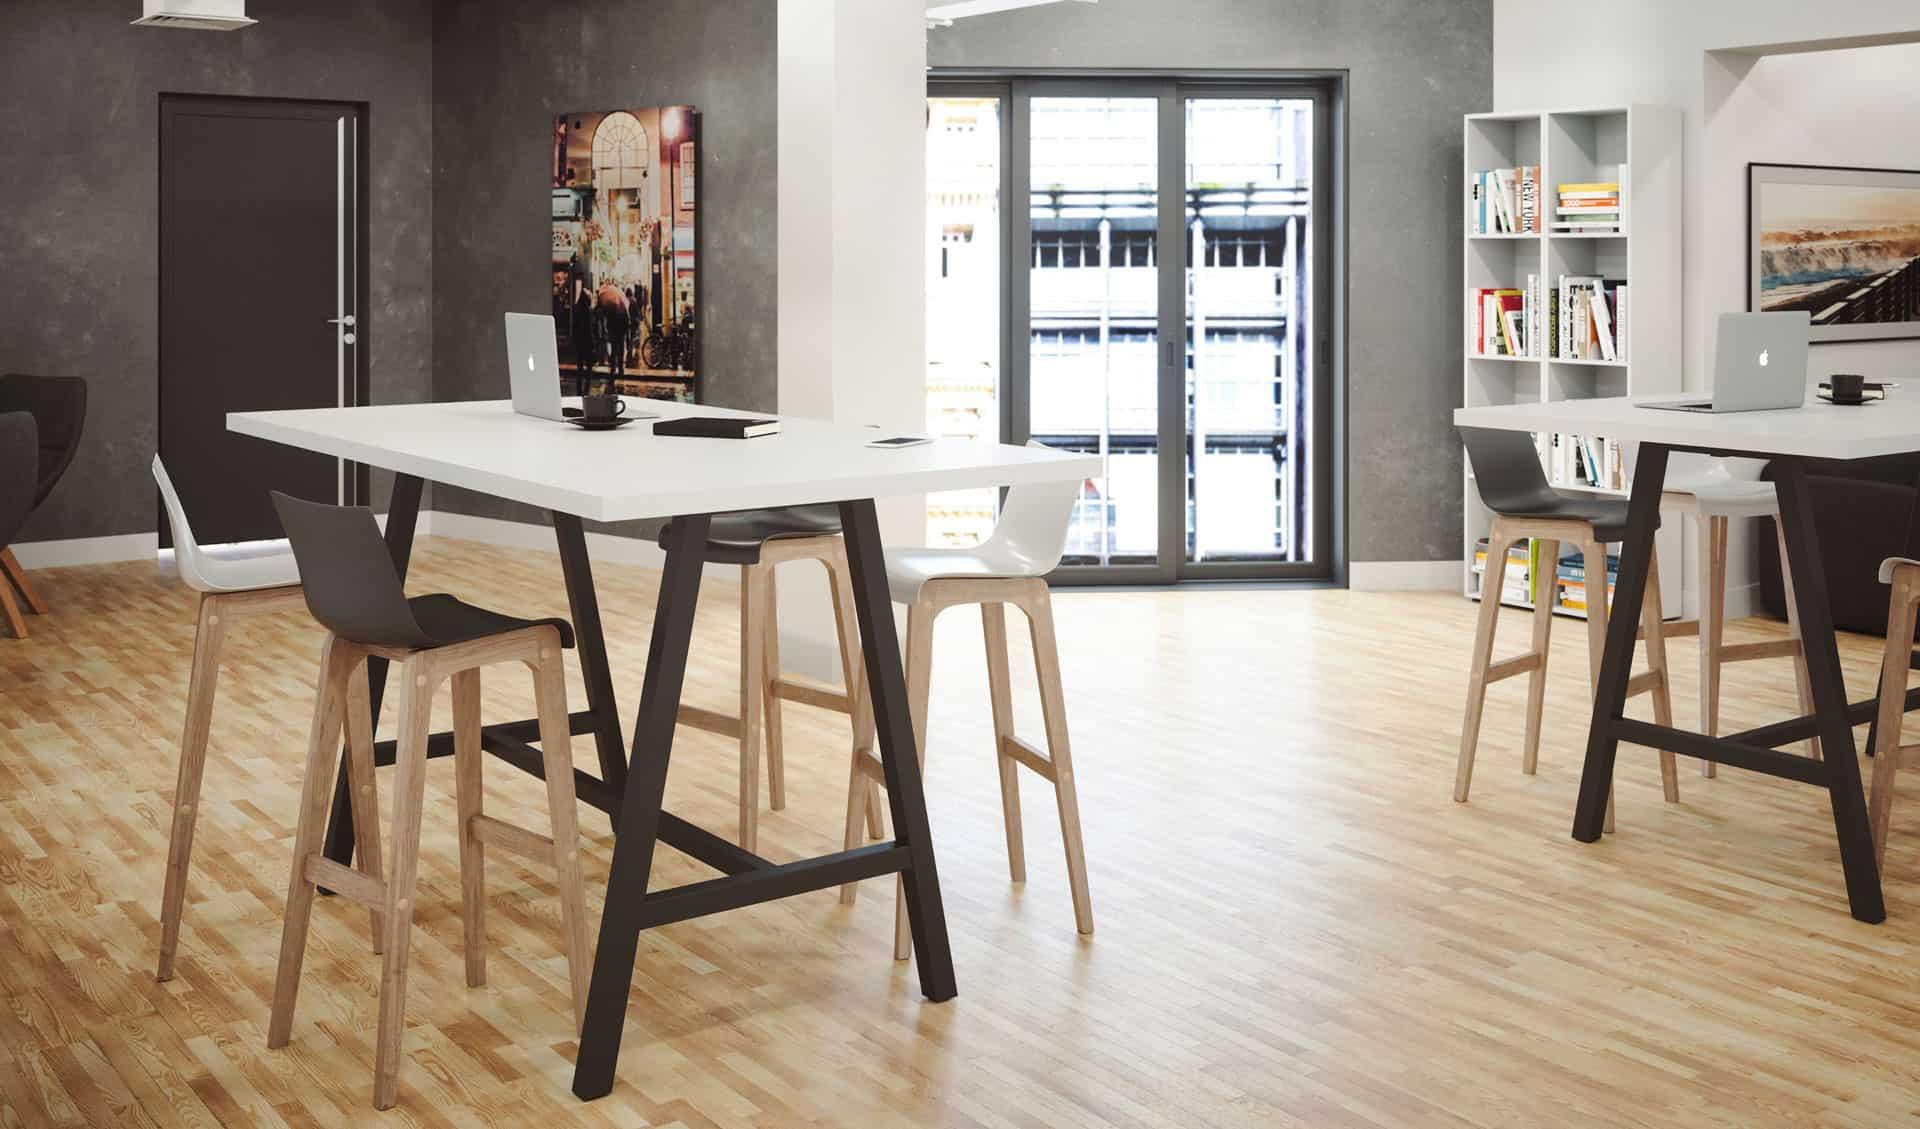 sièges, chaises hautes - Mobilier de bureaur à Caen (Calvados -14)